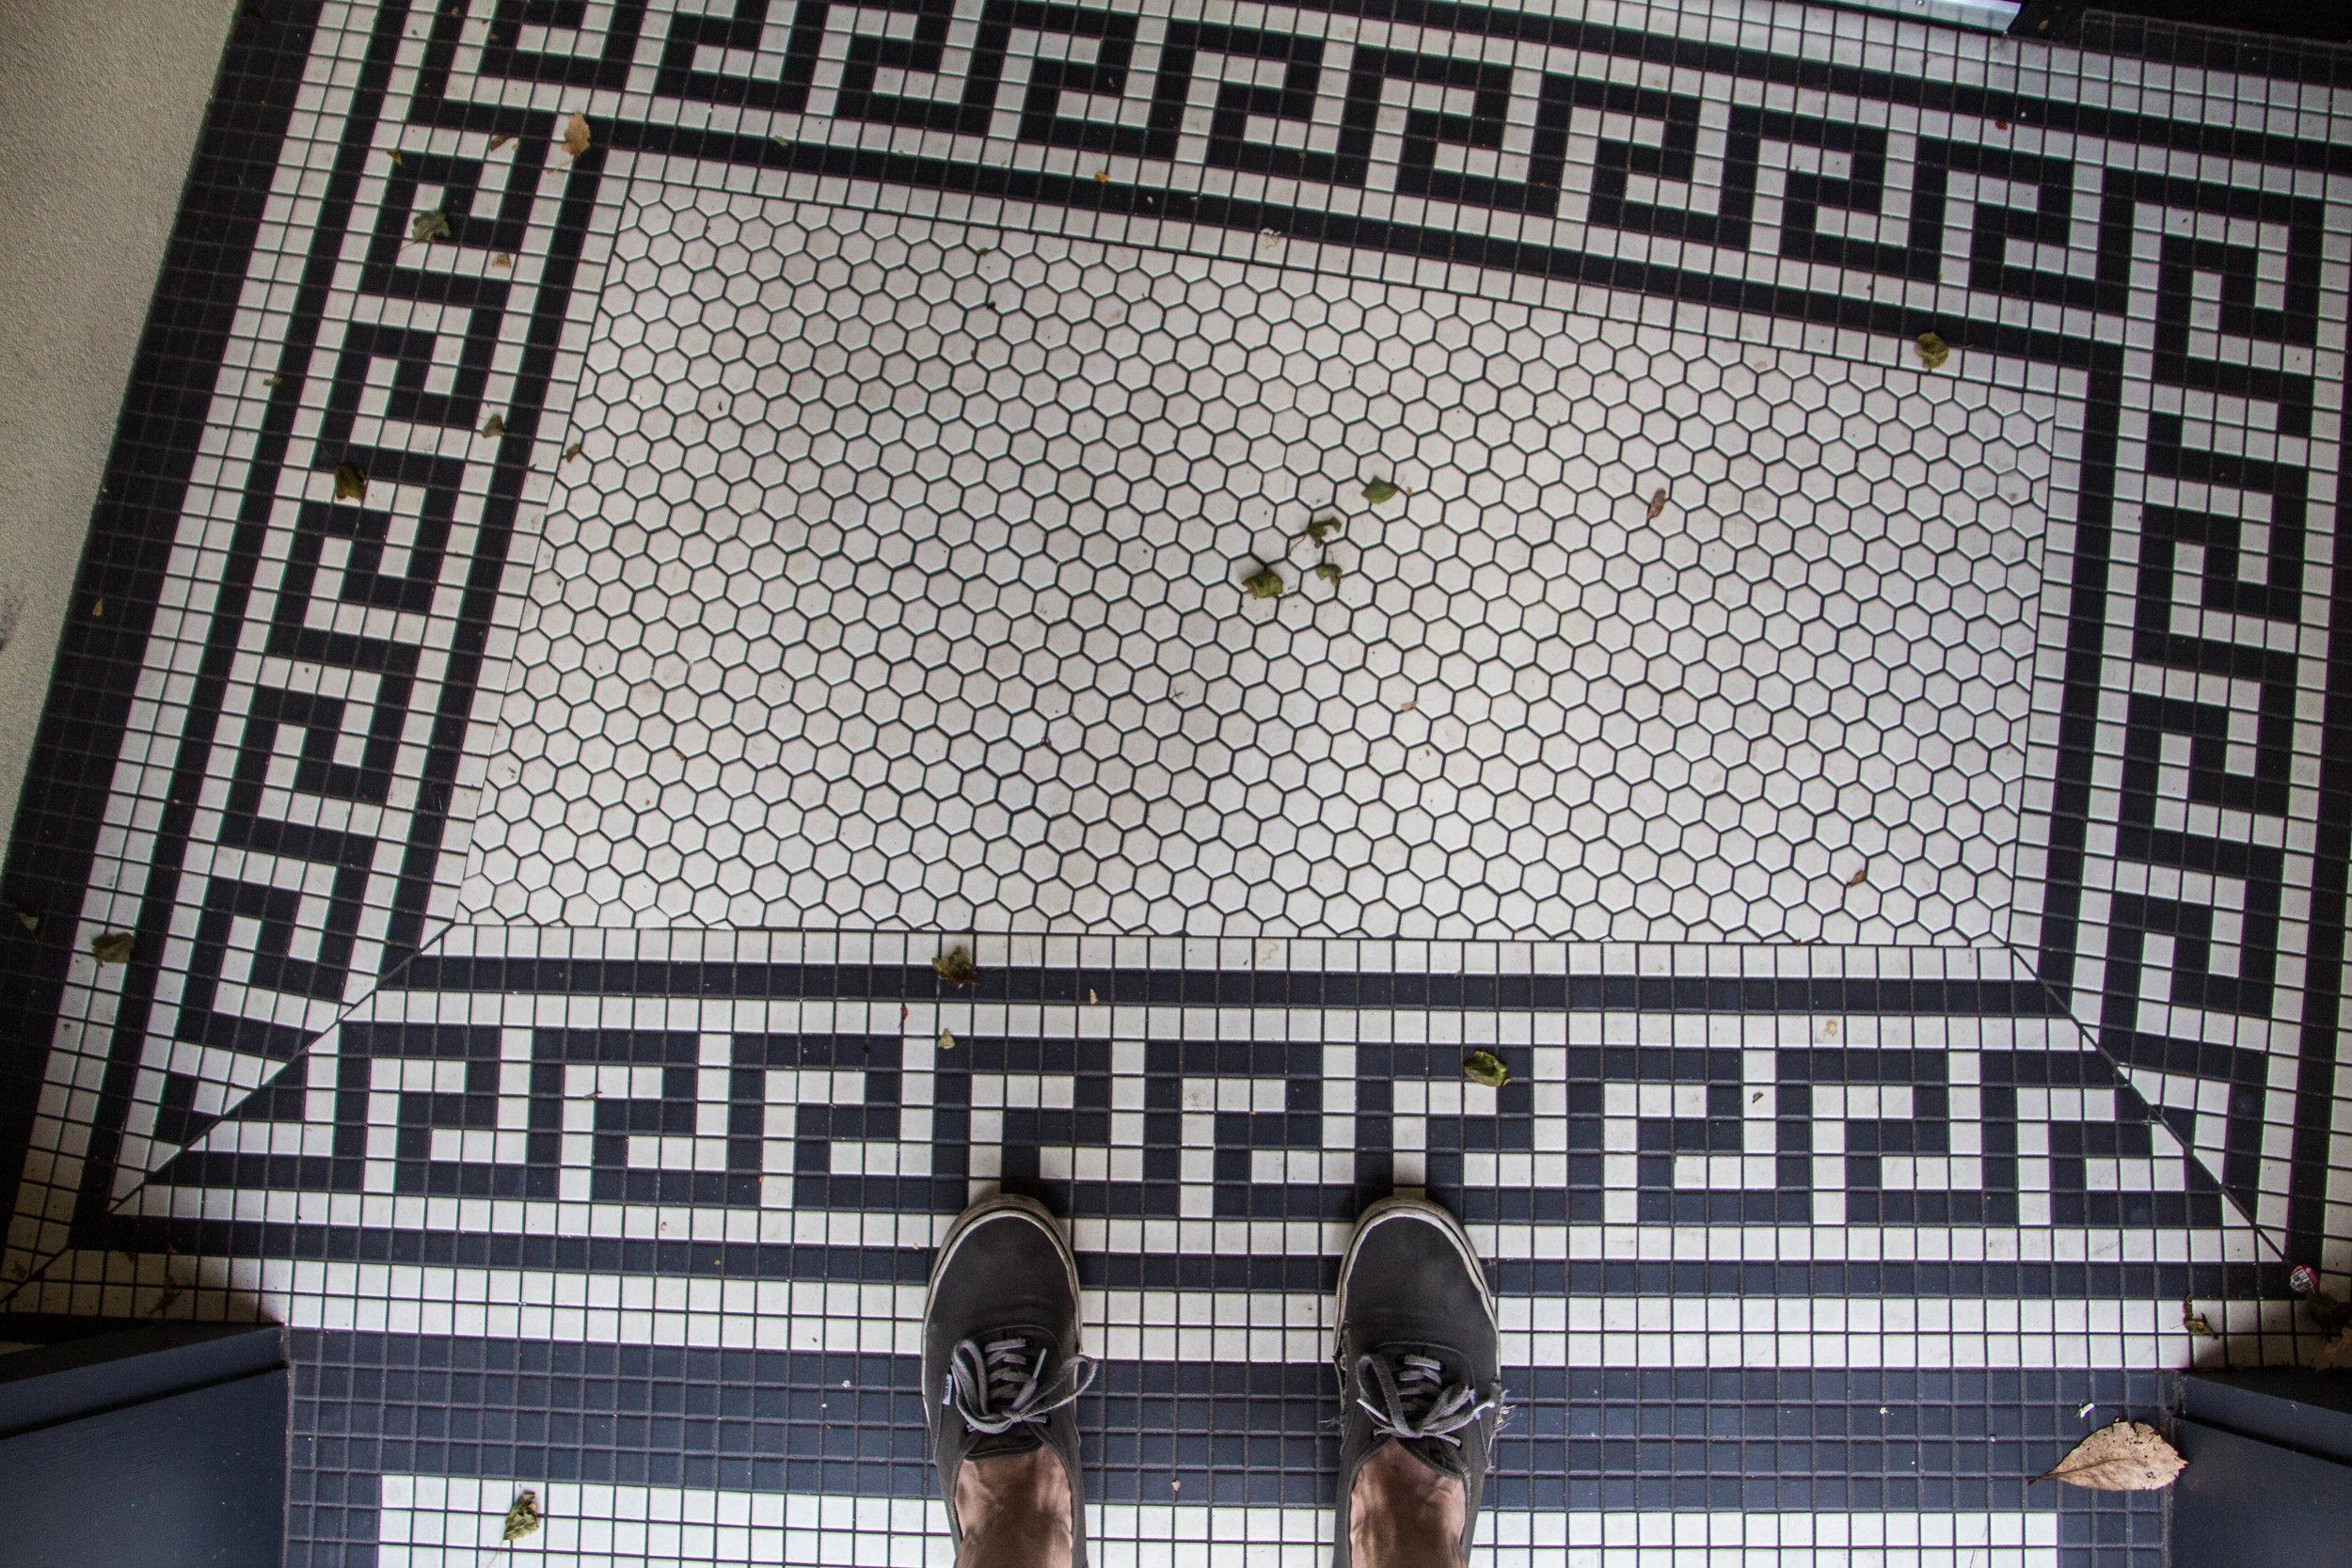 asheville-art-deco-floor.jpg